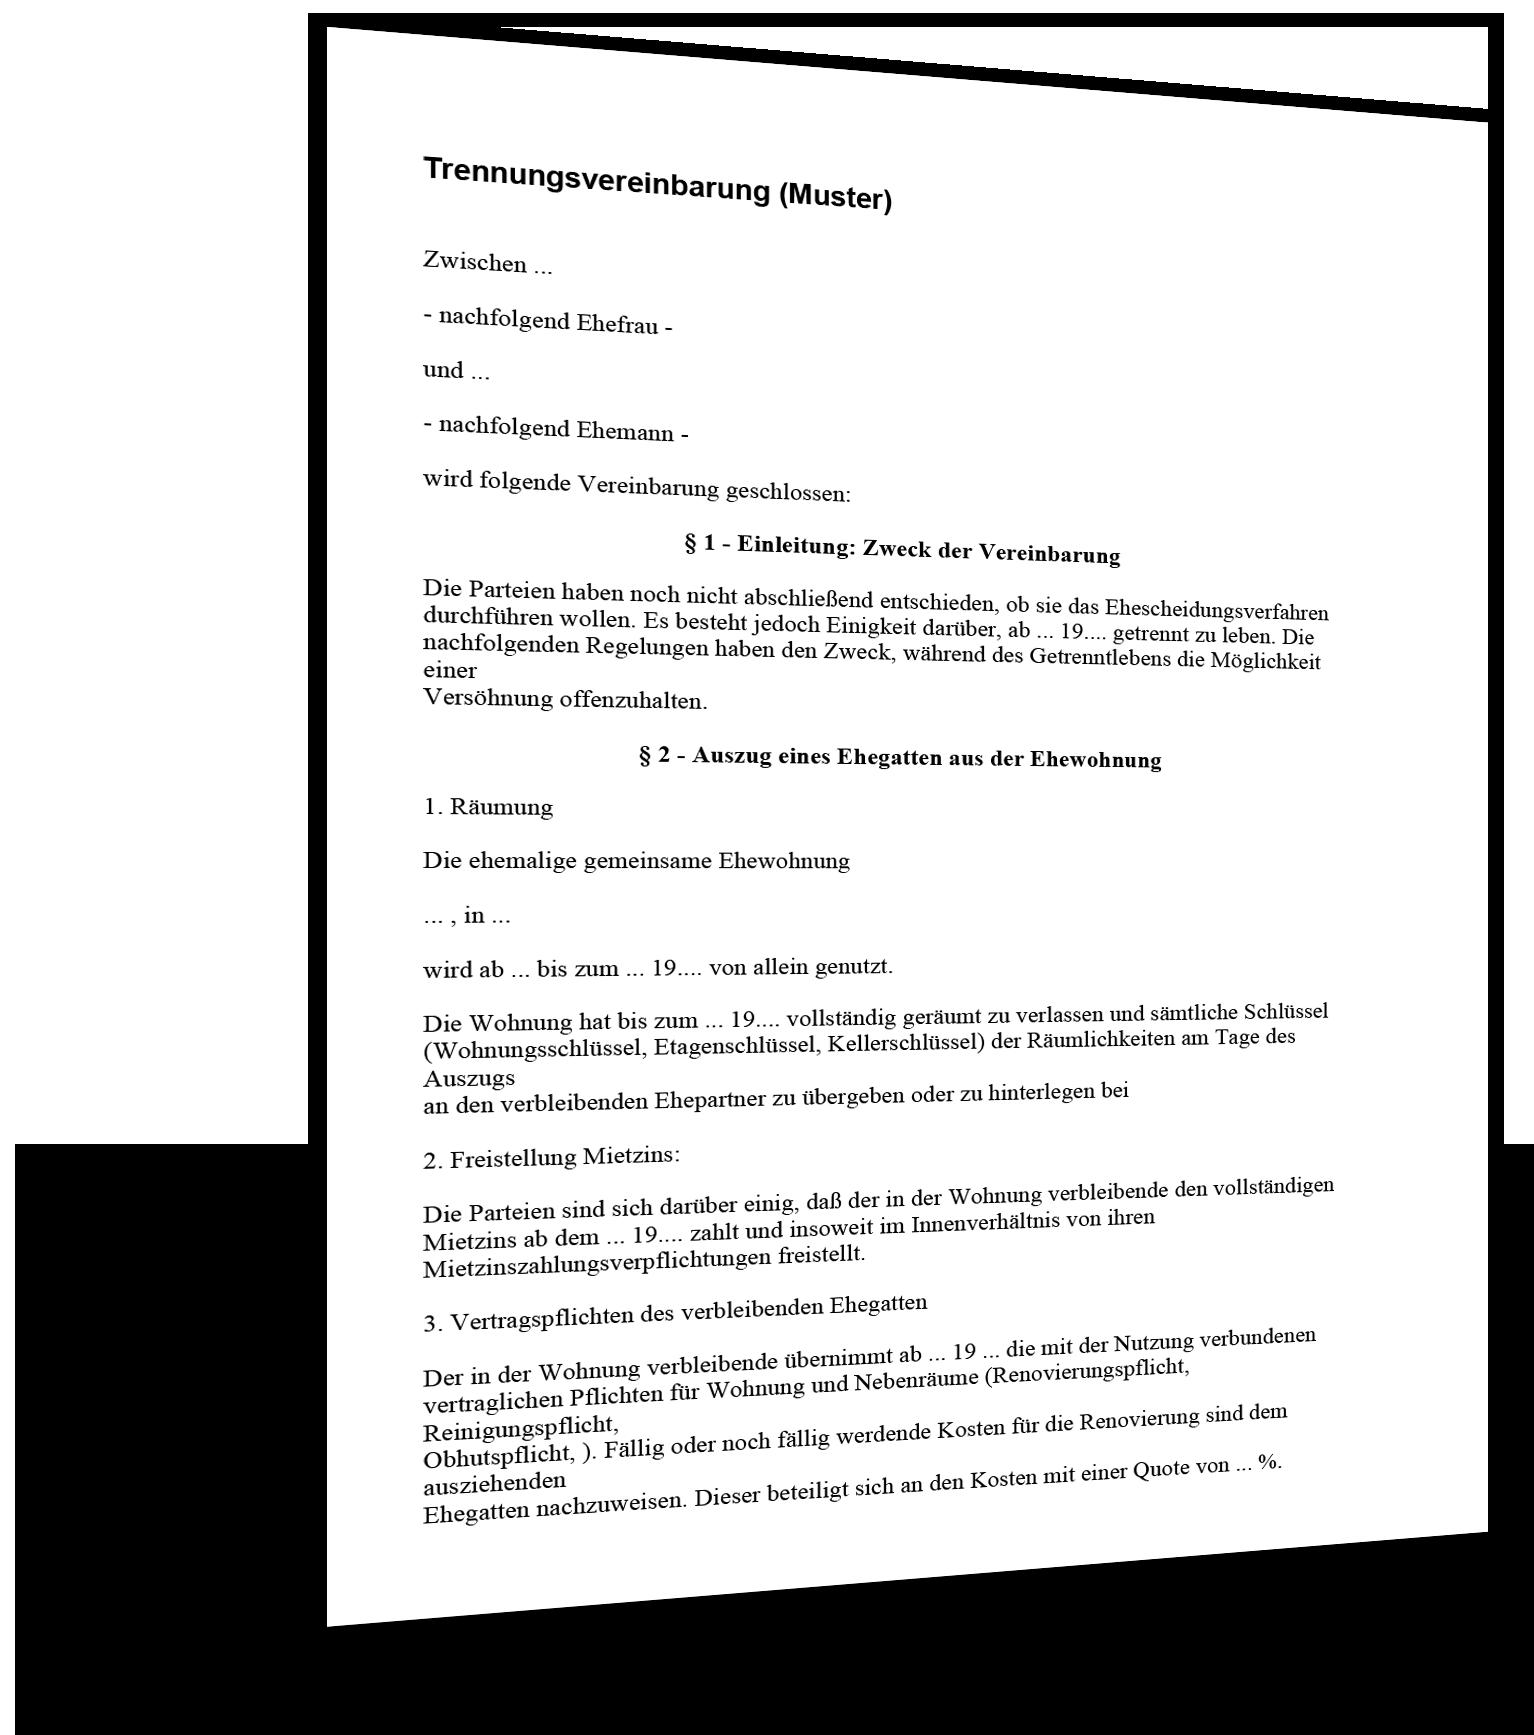 Vorlage Trennungsvereinbarung